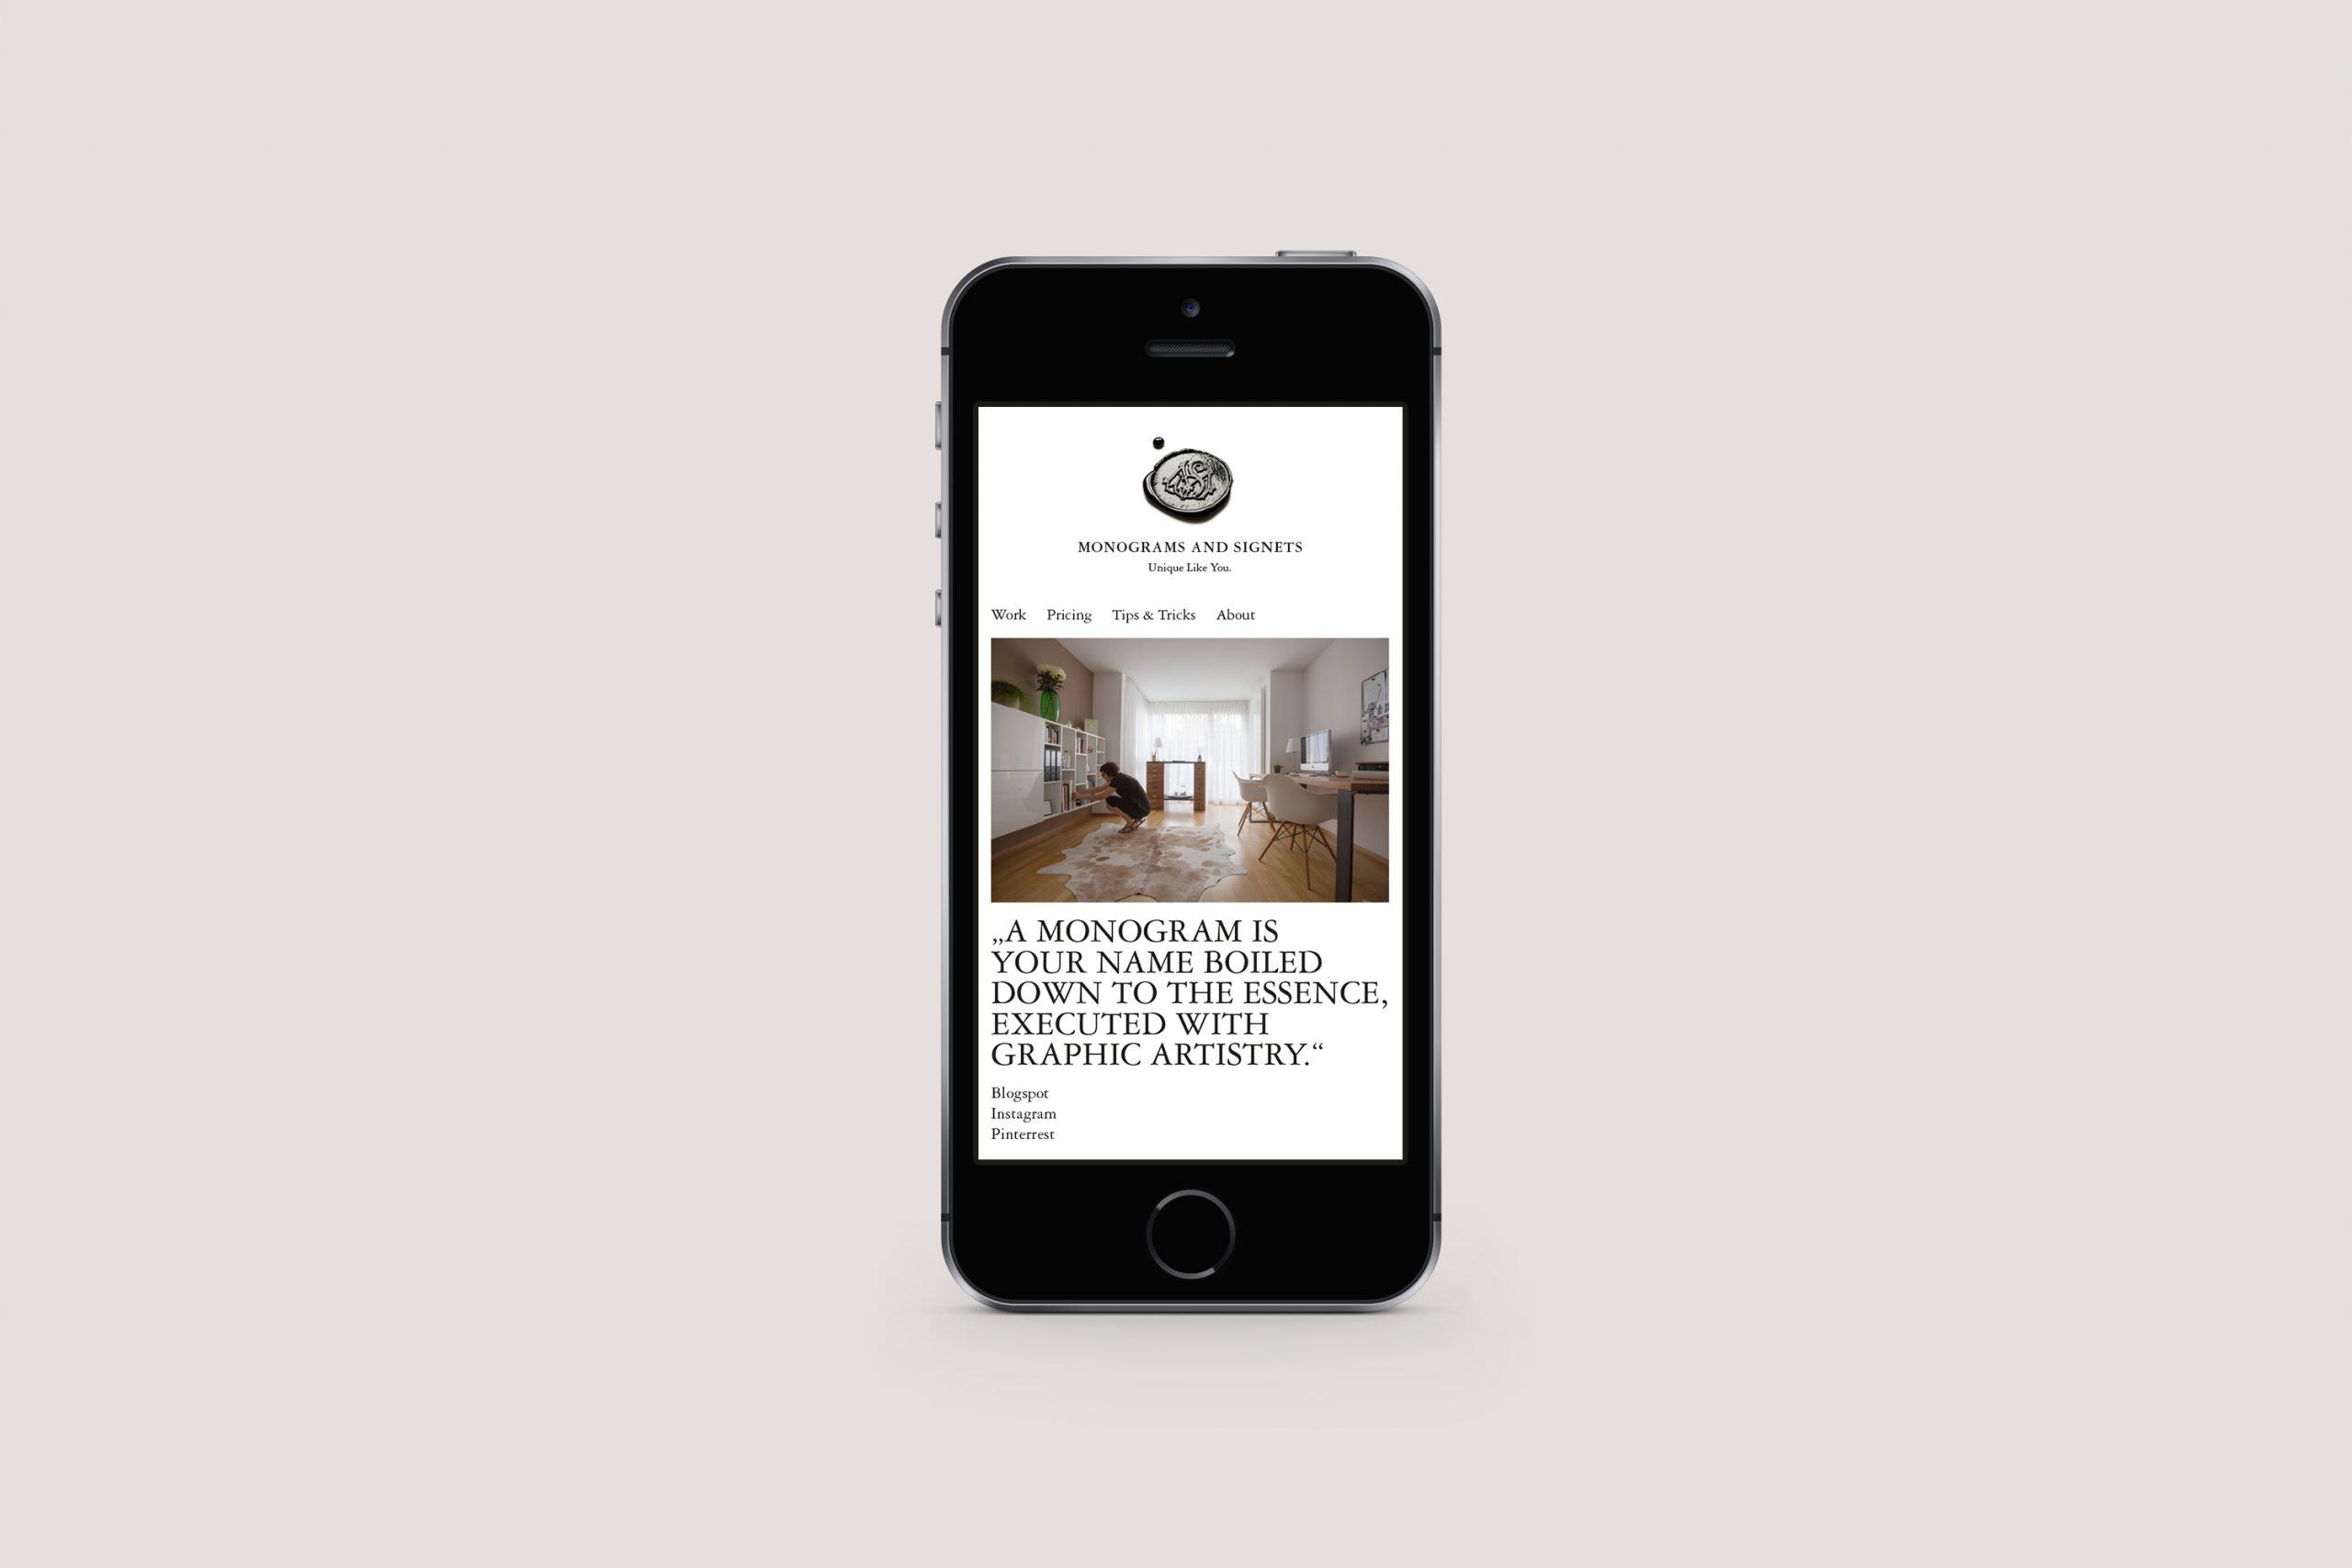 monogramsandsignets_mobile_website